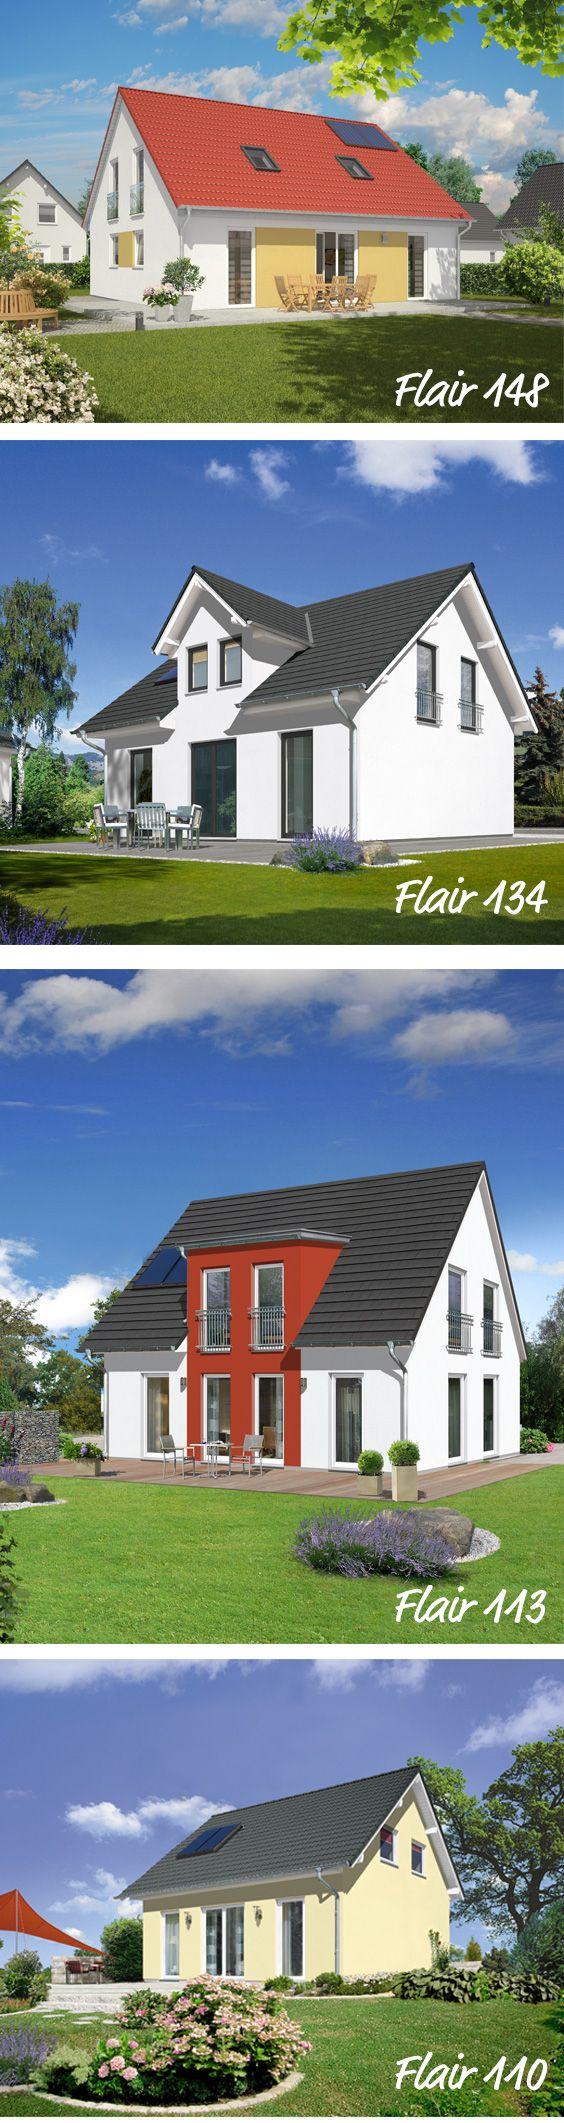 Haus Bauen Einfach Gemacht   Die Town U0026 Country HausAusstellung .